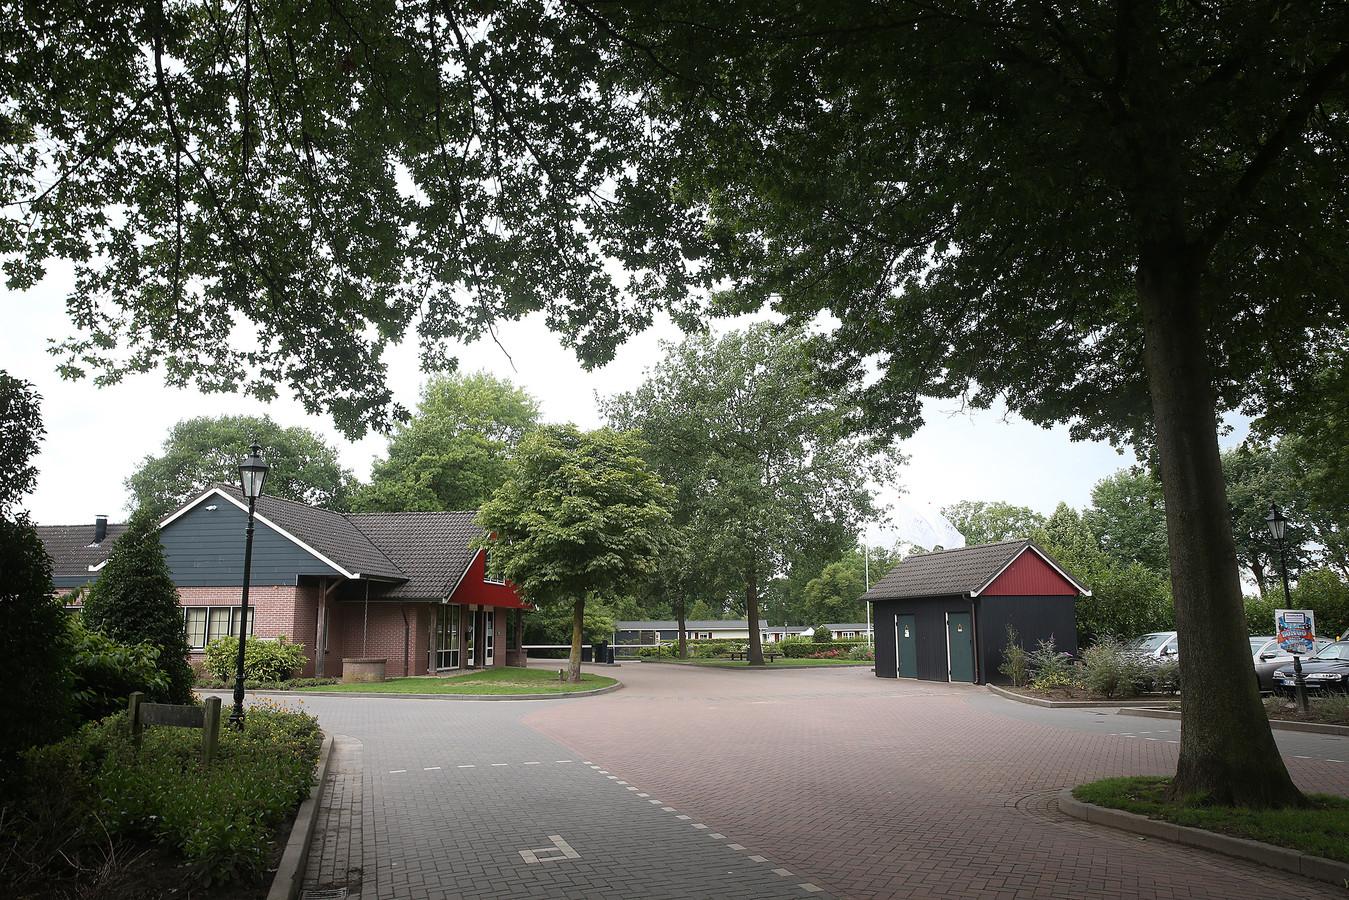 Camping De Twee Bruggen in Winterswijk.